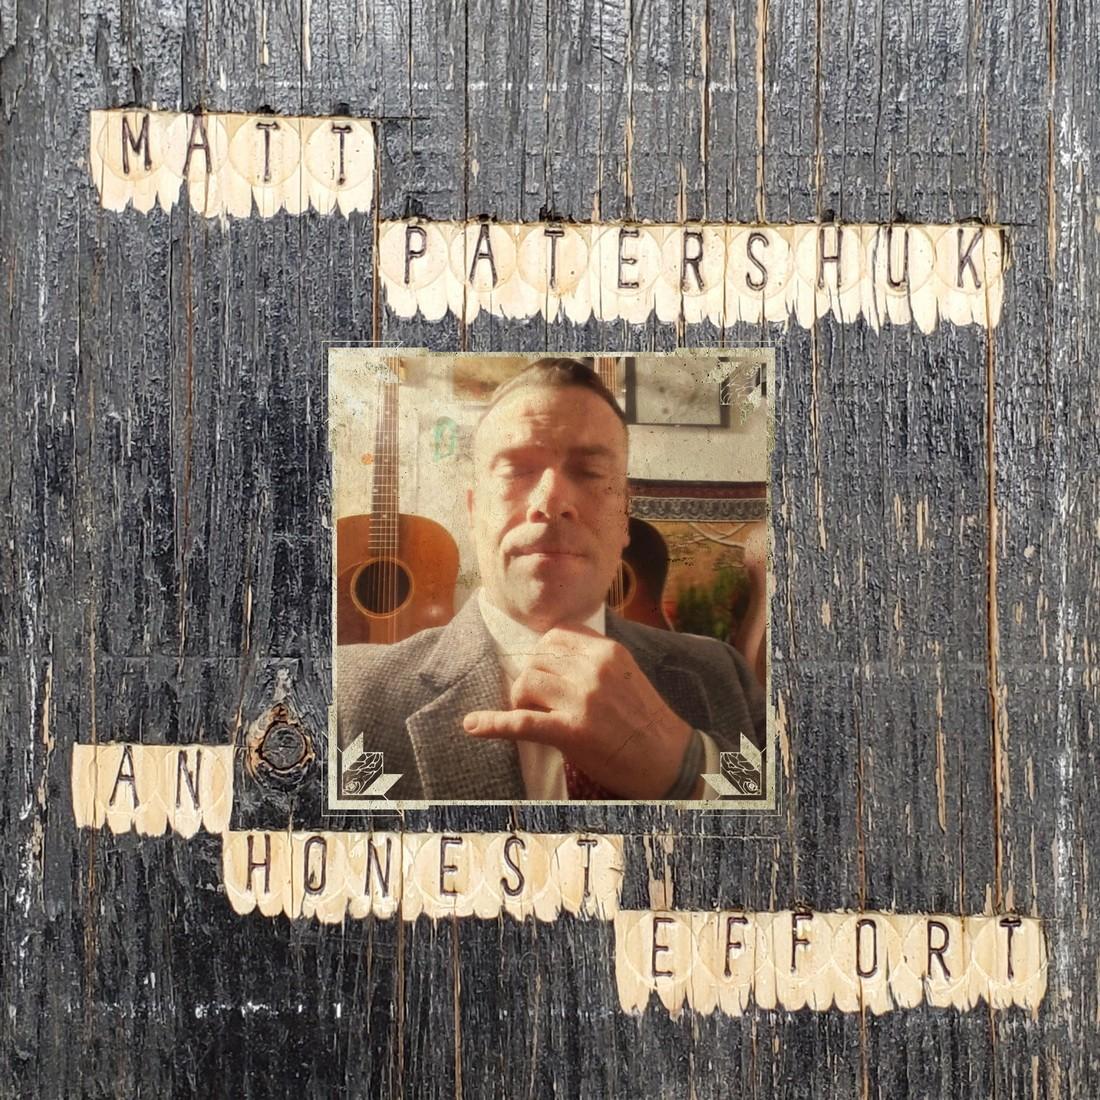 Matt Patershuk - An Honest Effort